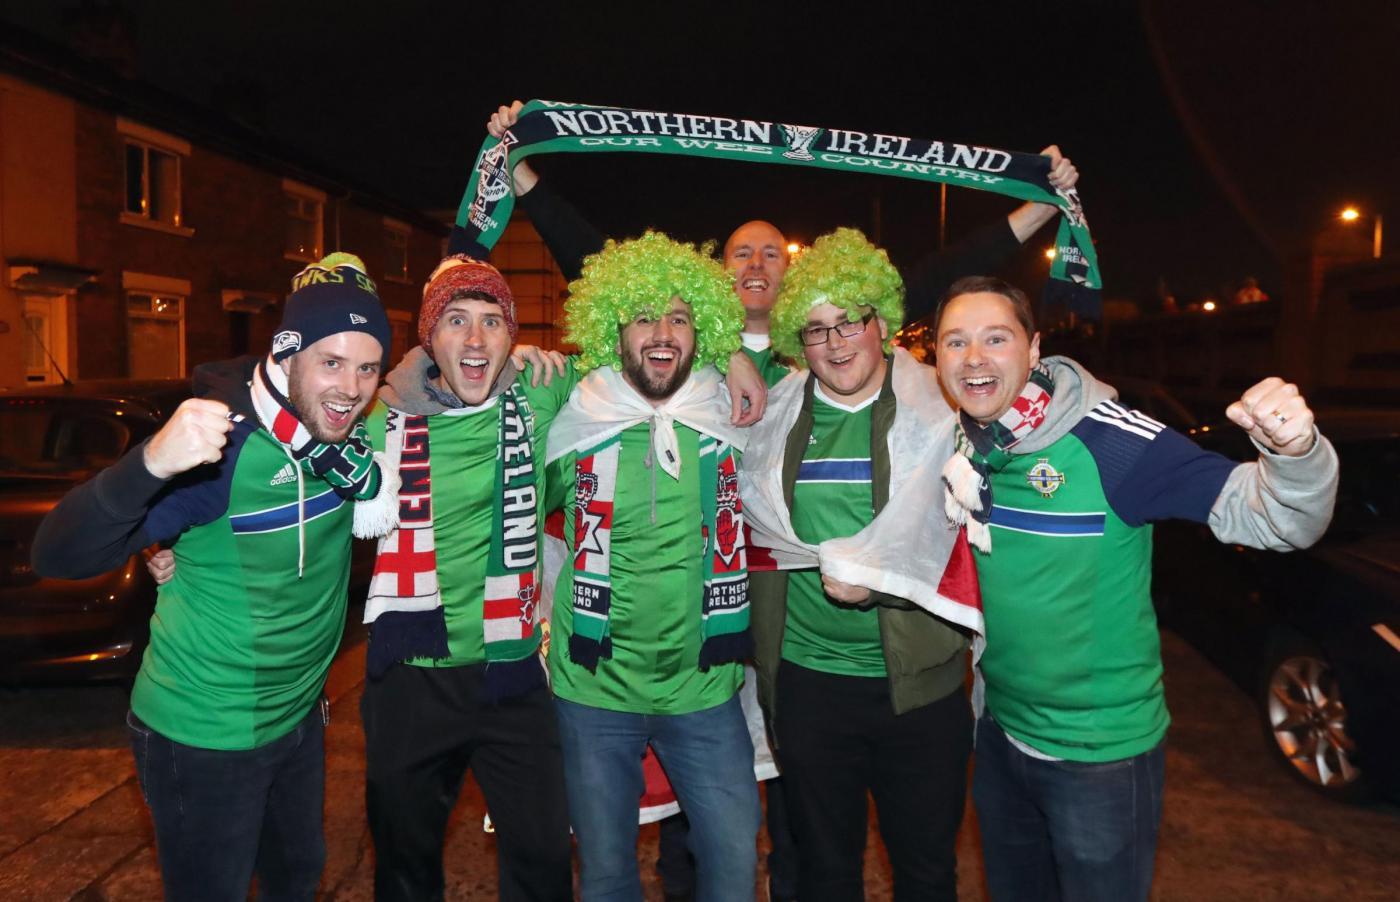 Qualificazioni Europei, Irlanda del Nord-Bielorussia domenica 24 marzo: analisi e pronostico della seconda giornata dei gironi